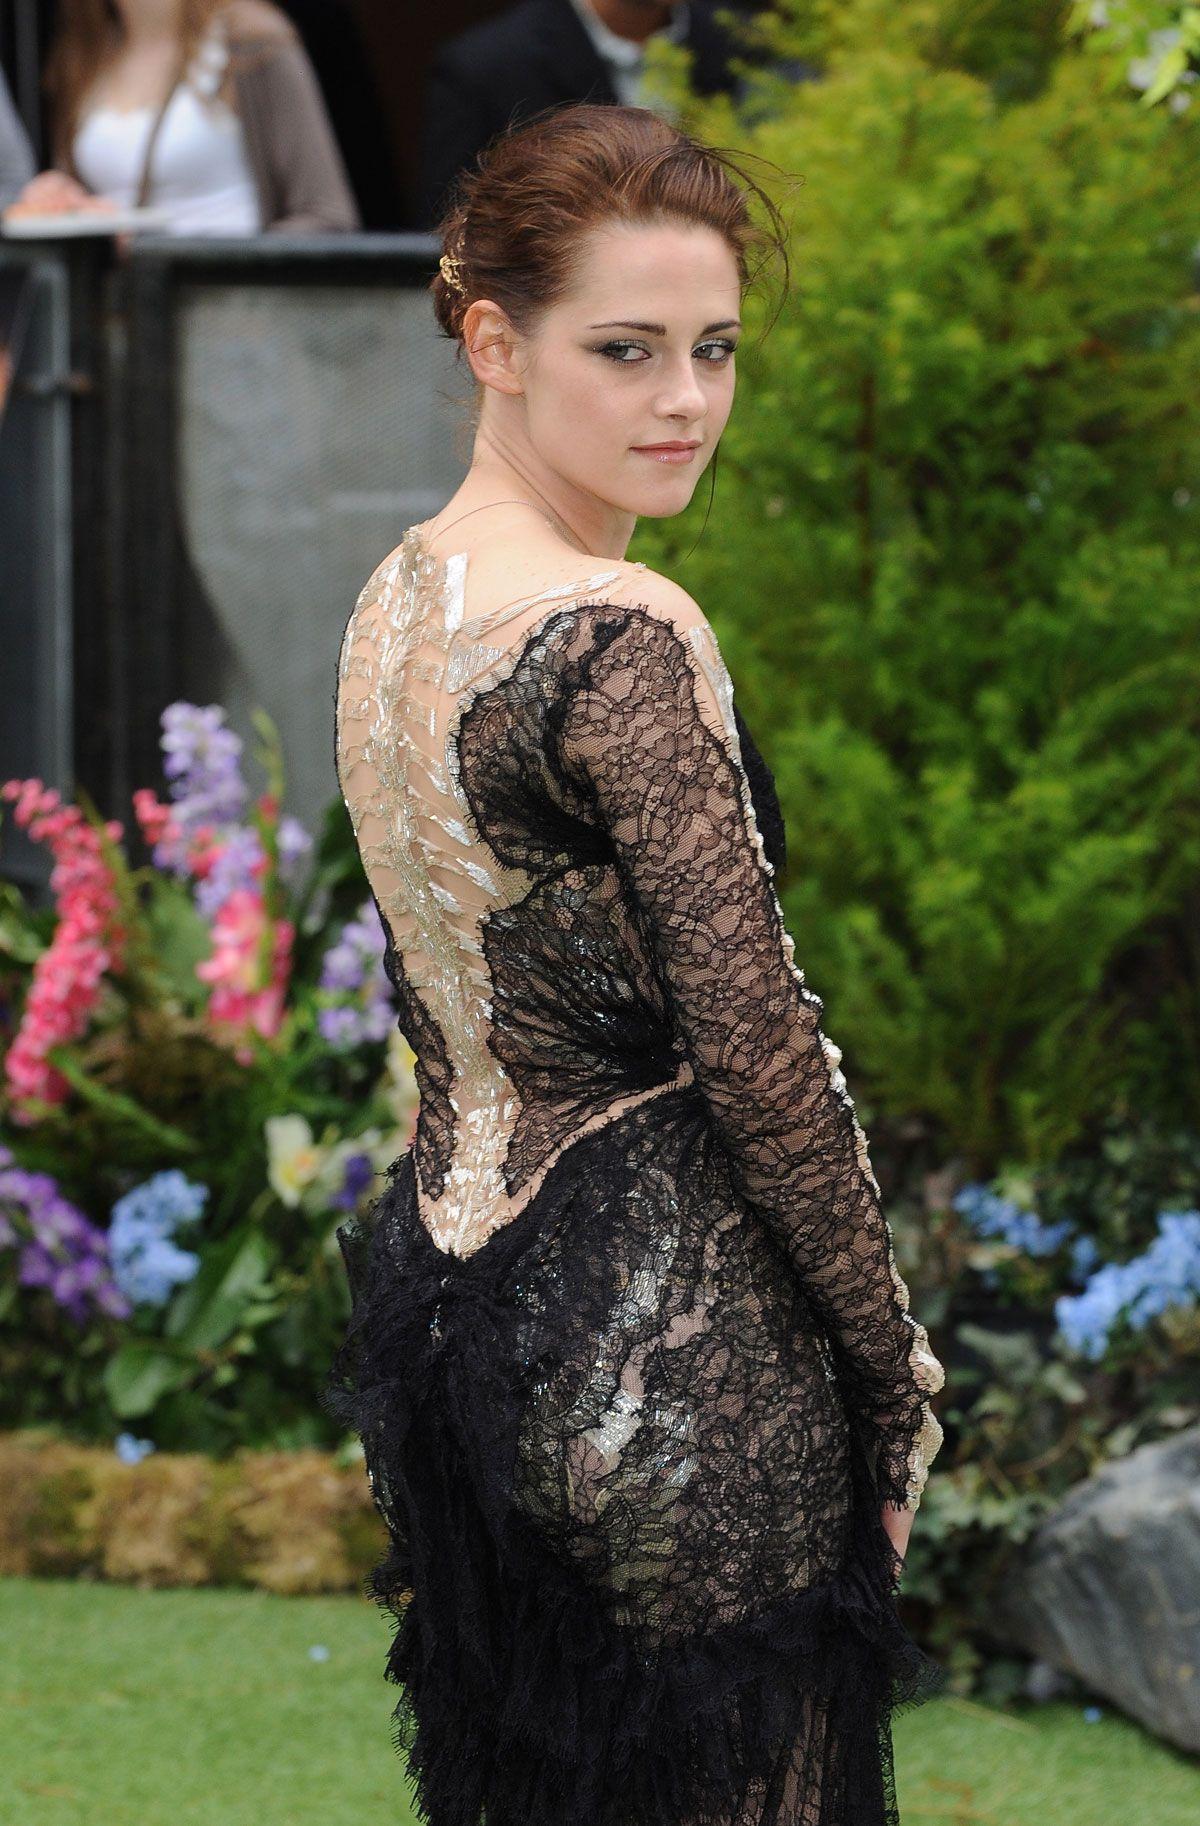 Kristen Stewart White Dress July 2017